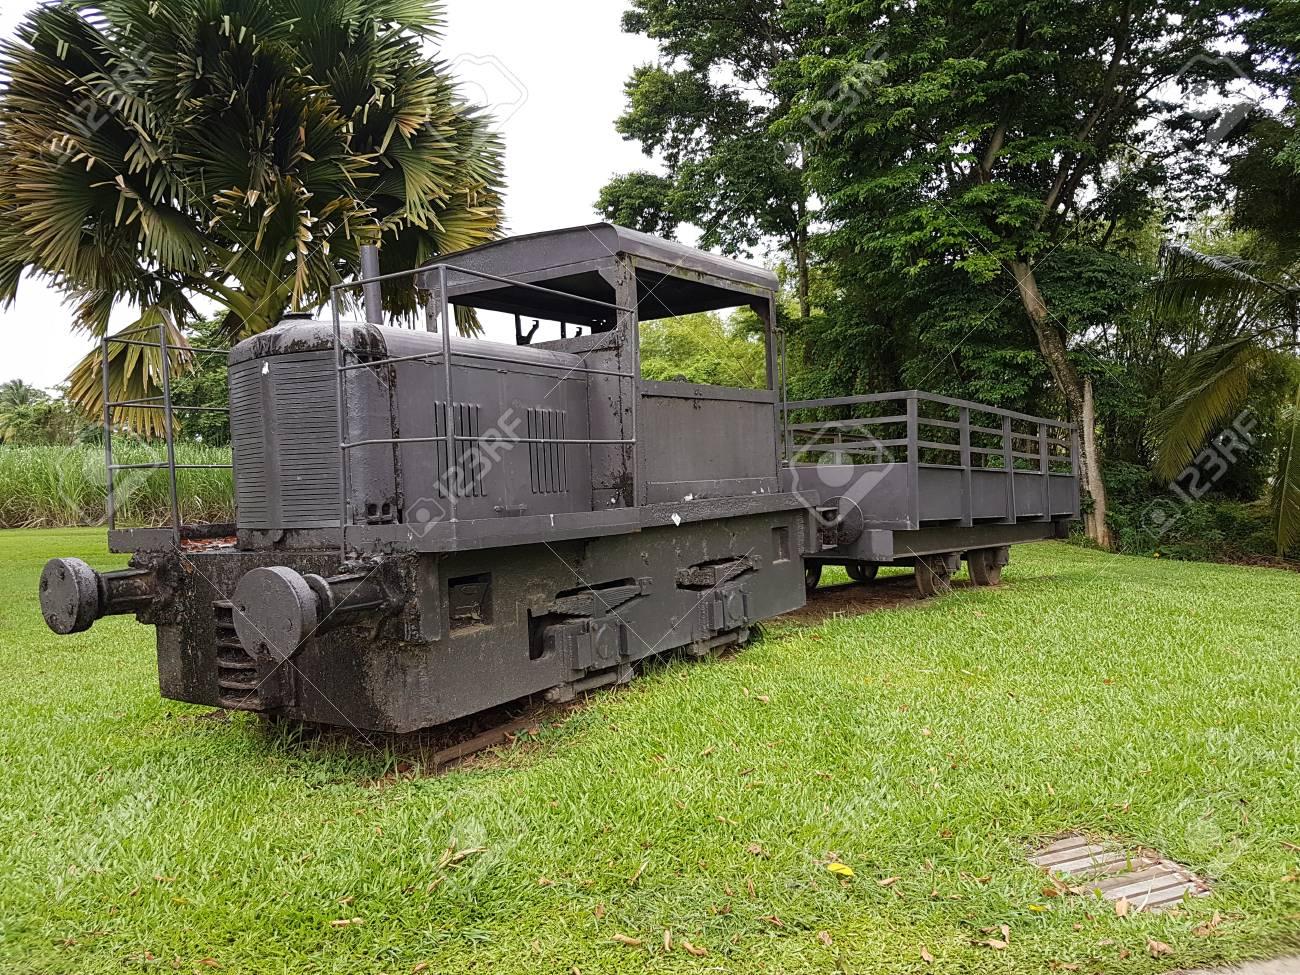 old train caraibes sugar cane rum - 97637439